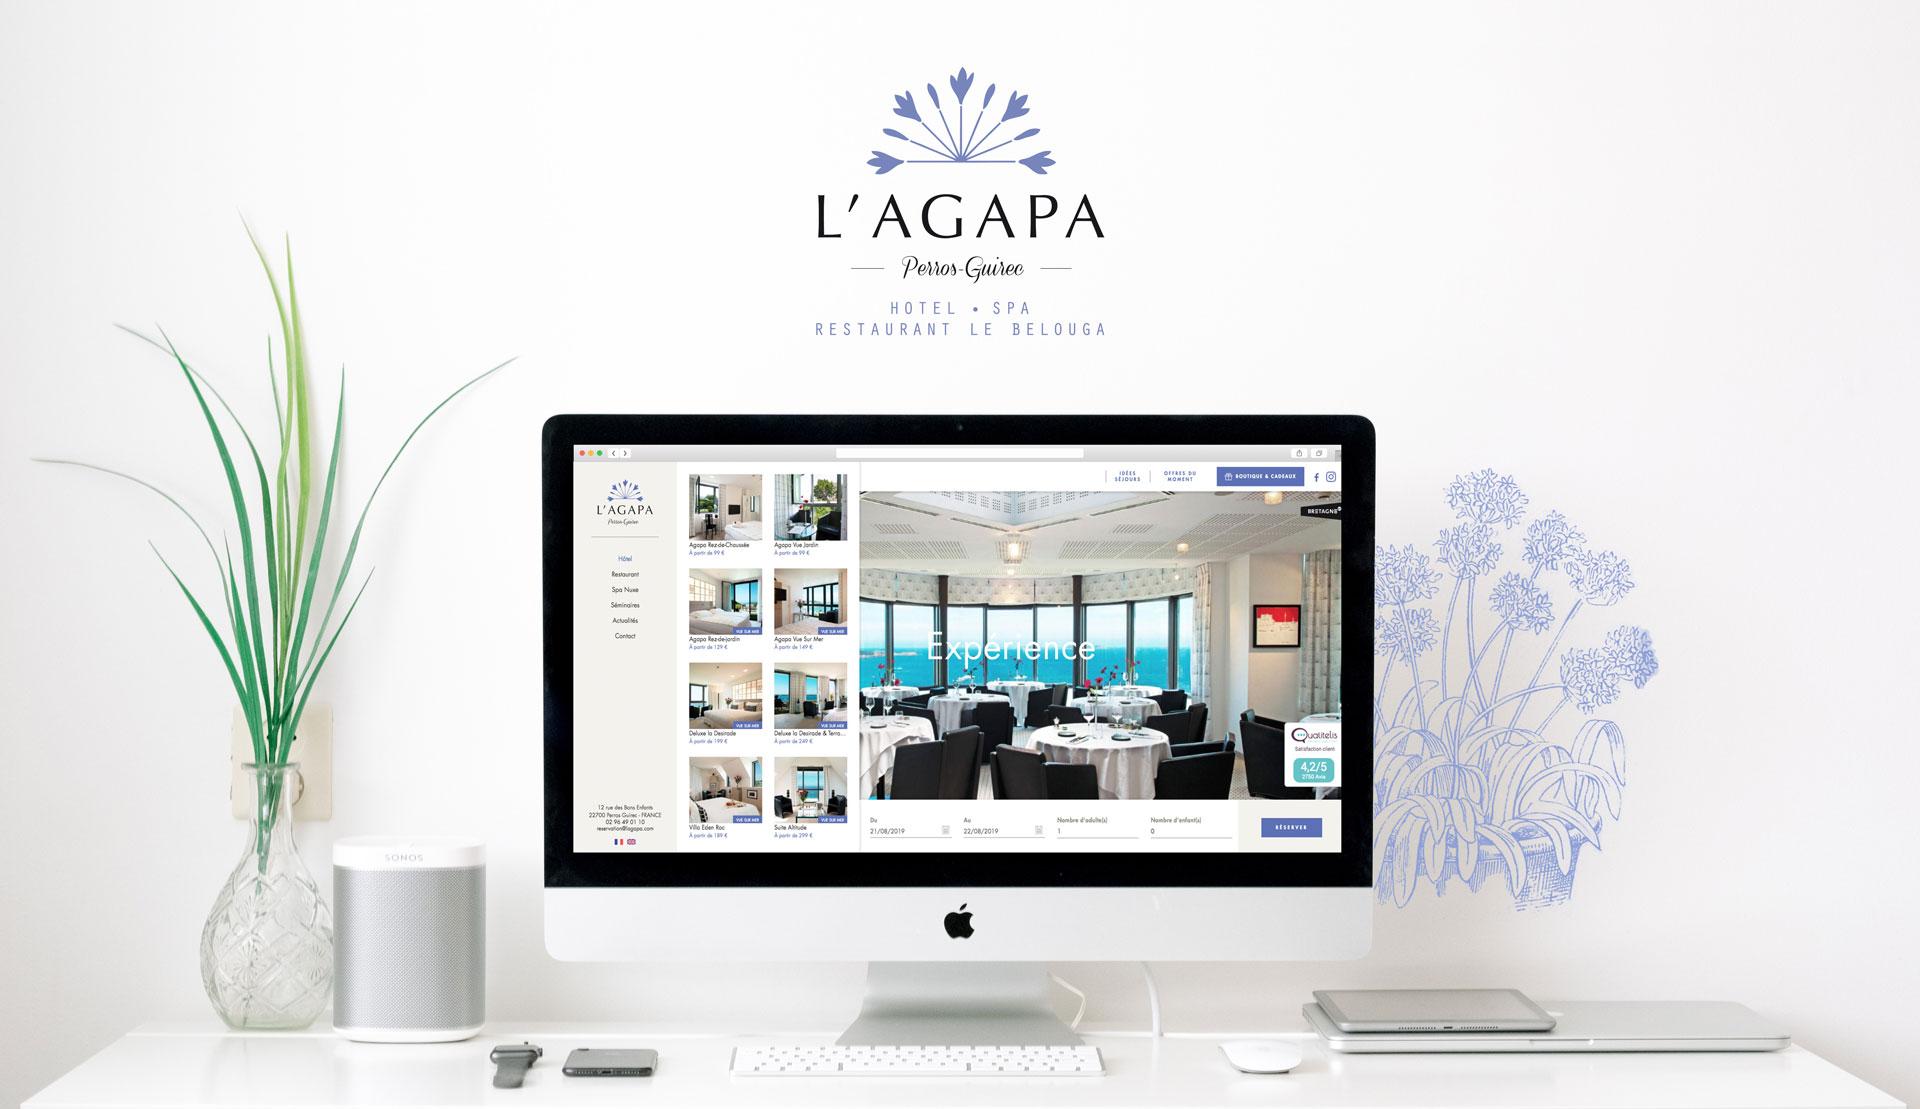 Hotel-agapa-coqueliko